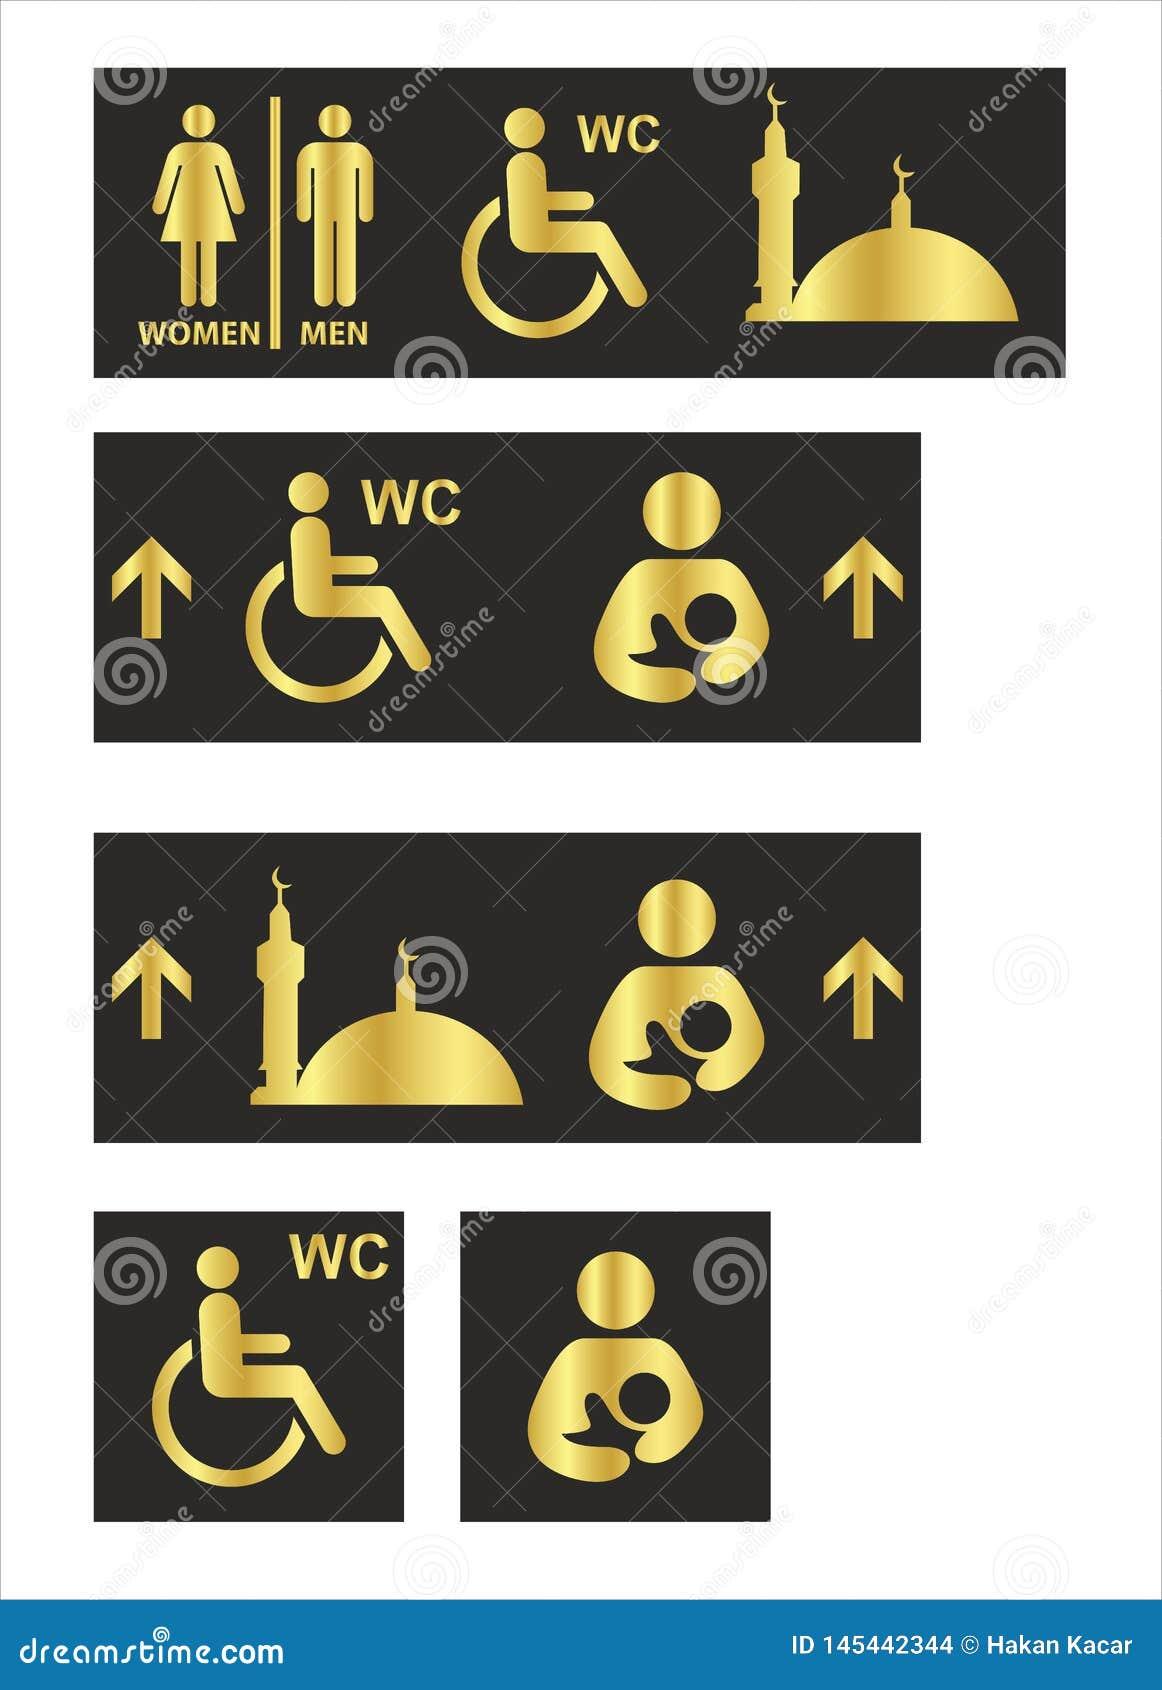 Τα εικονίδια τουαλετών καθορισμένα το WC χώρων ανάπαυσης αγοριών ή κοριτσιών